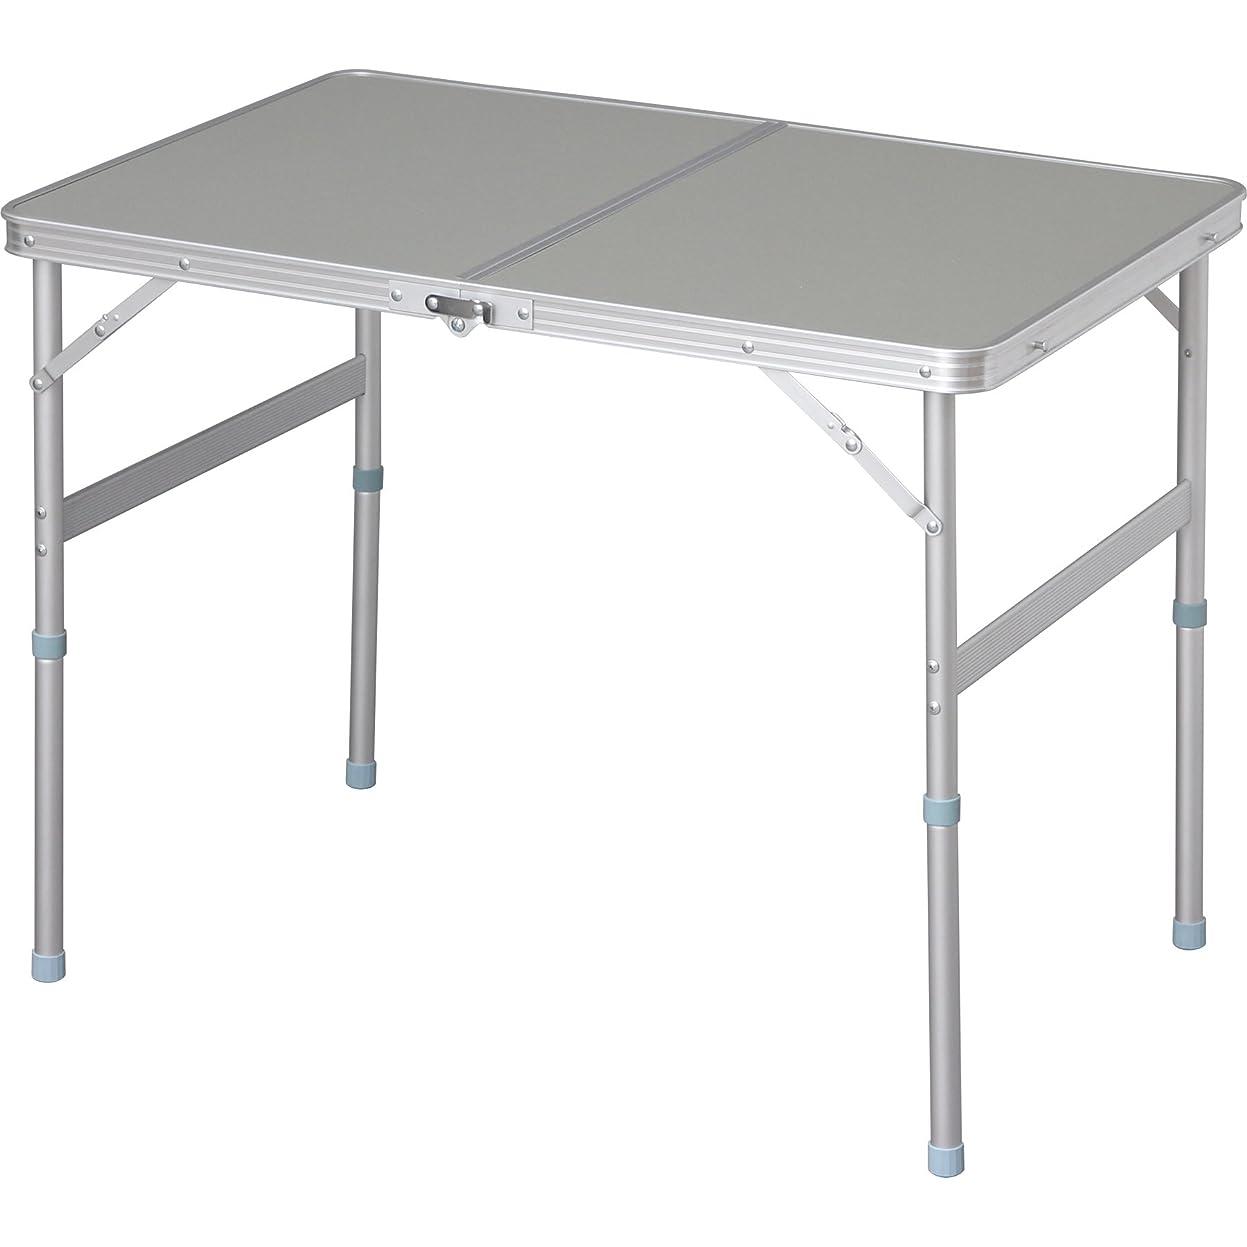 インク希少性カテゴリーアイリスプラザ テーブル アウトドア キャンプ 幅90×奥行60×高さ70~39cm ライトグレー